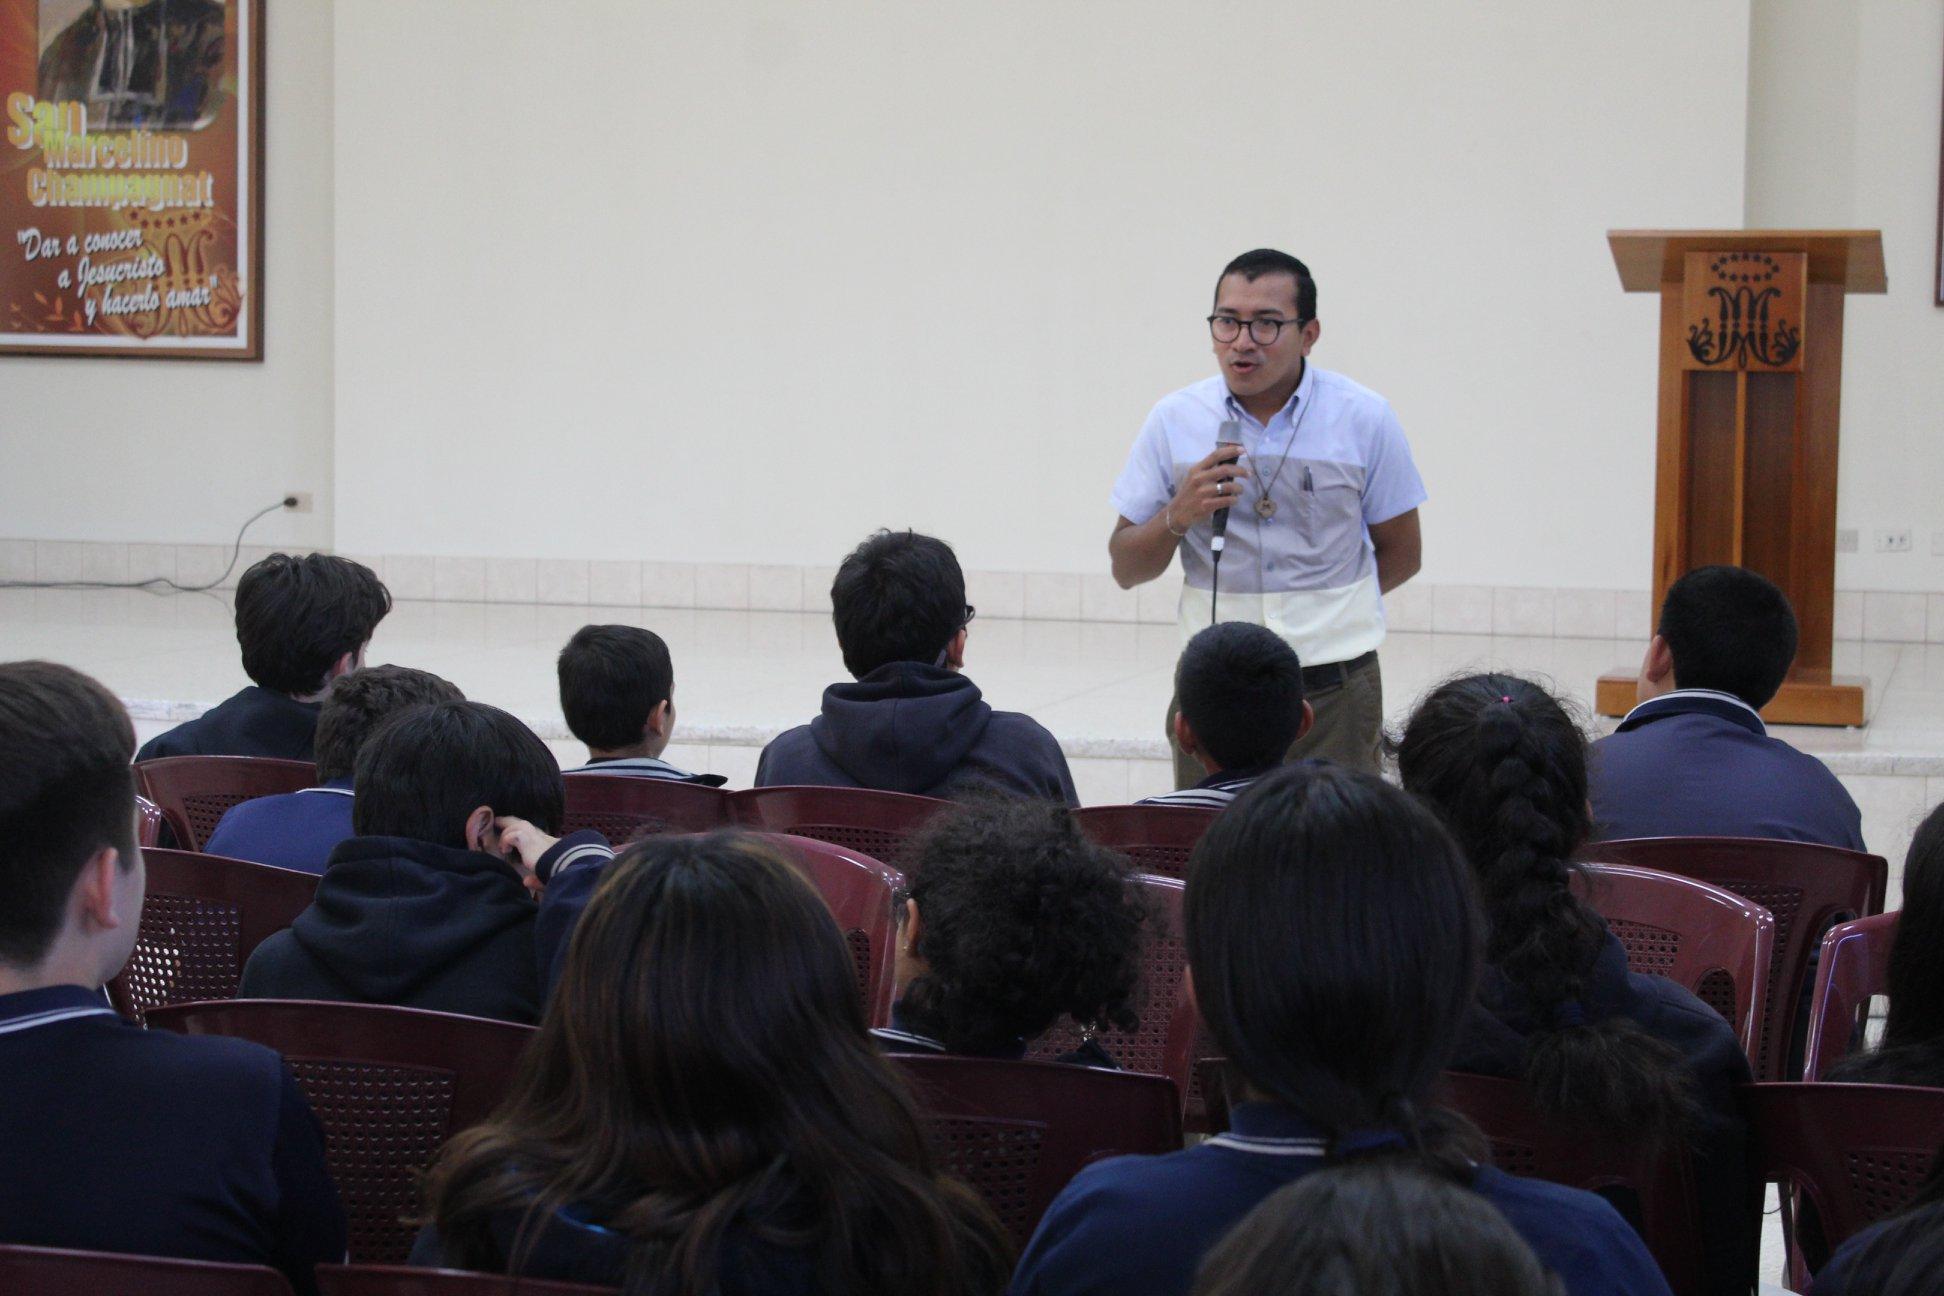 Semana Vovacional de la secundaria del Liceo Guatemala